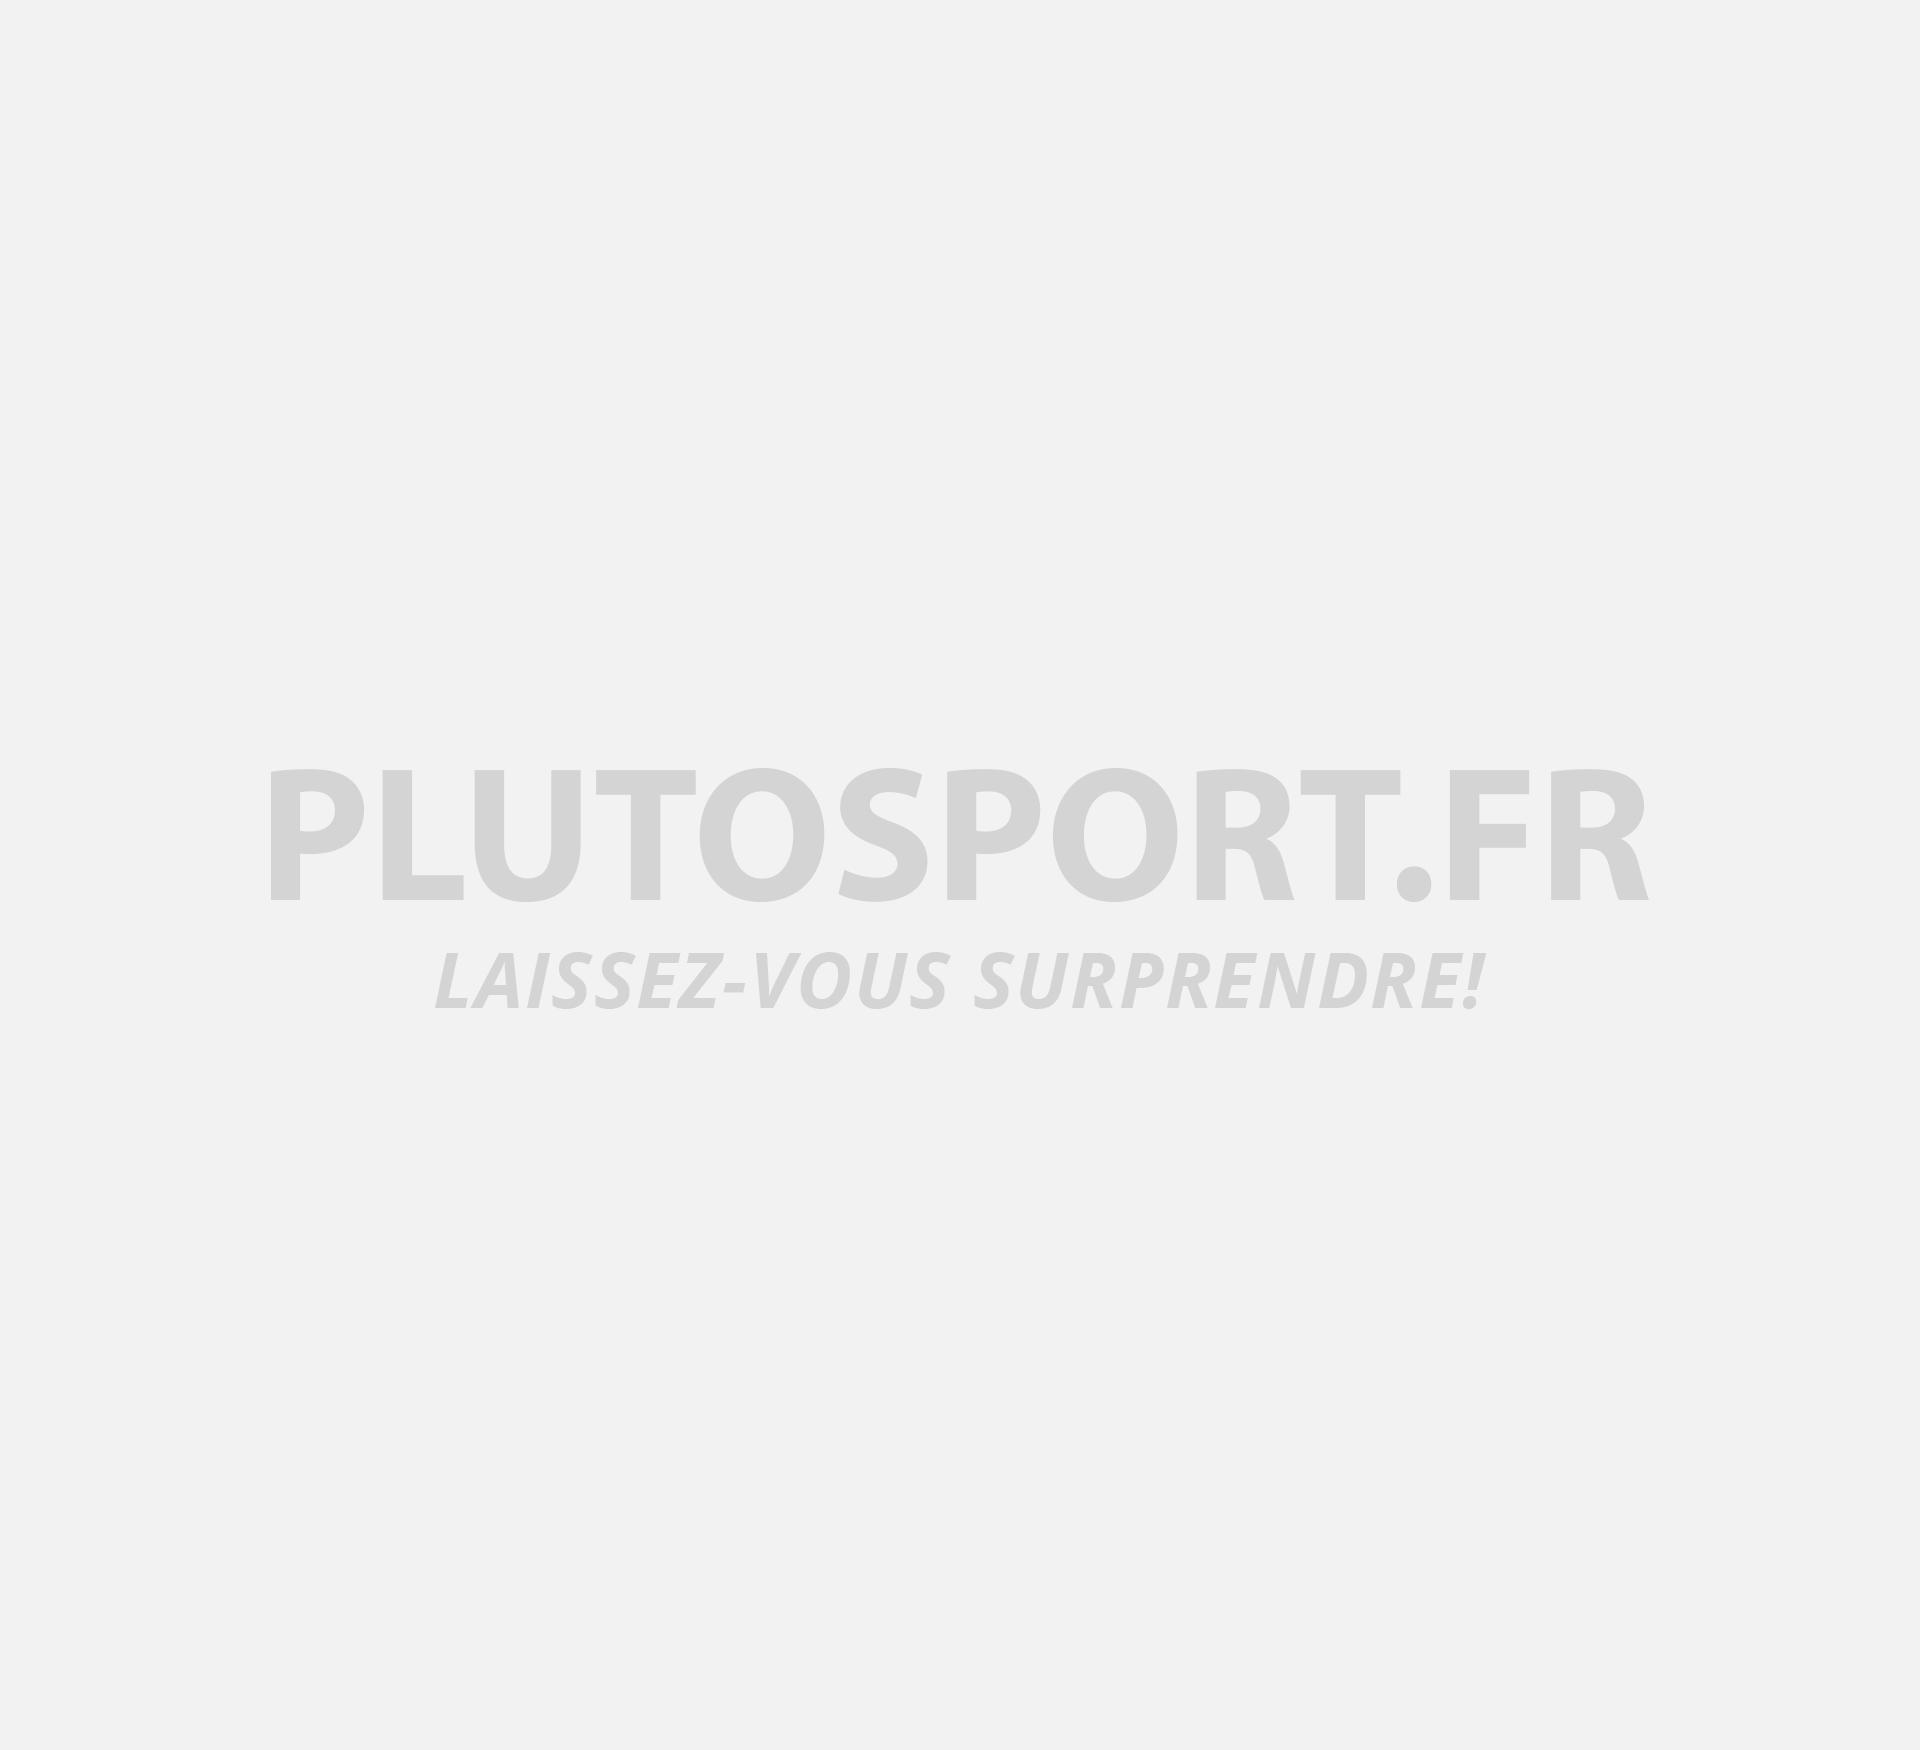 Jacket Enfants Manteaux Veste Team Pour Nike Fall D'hiver qSwxXOW6